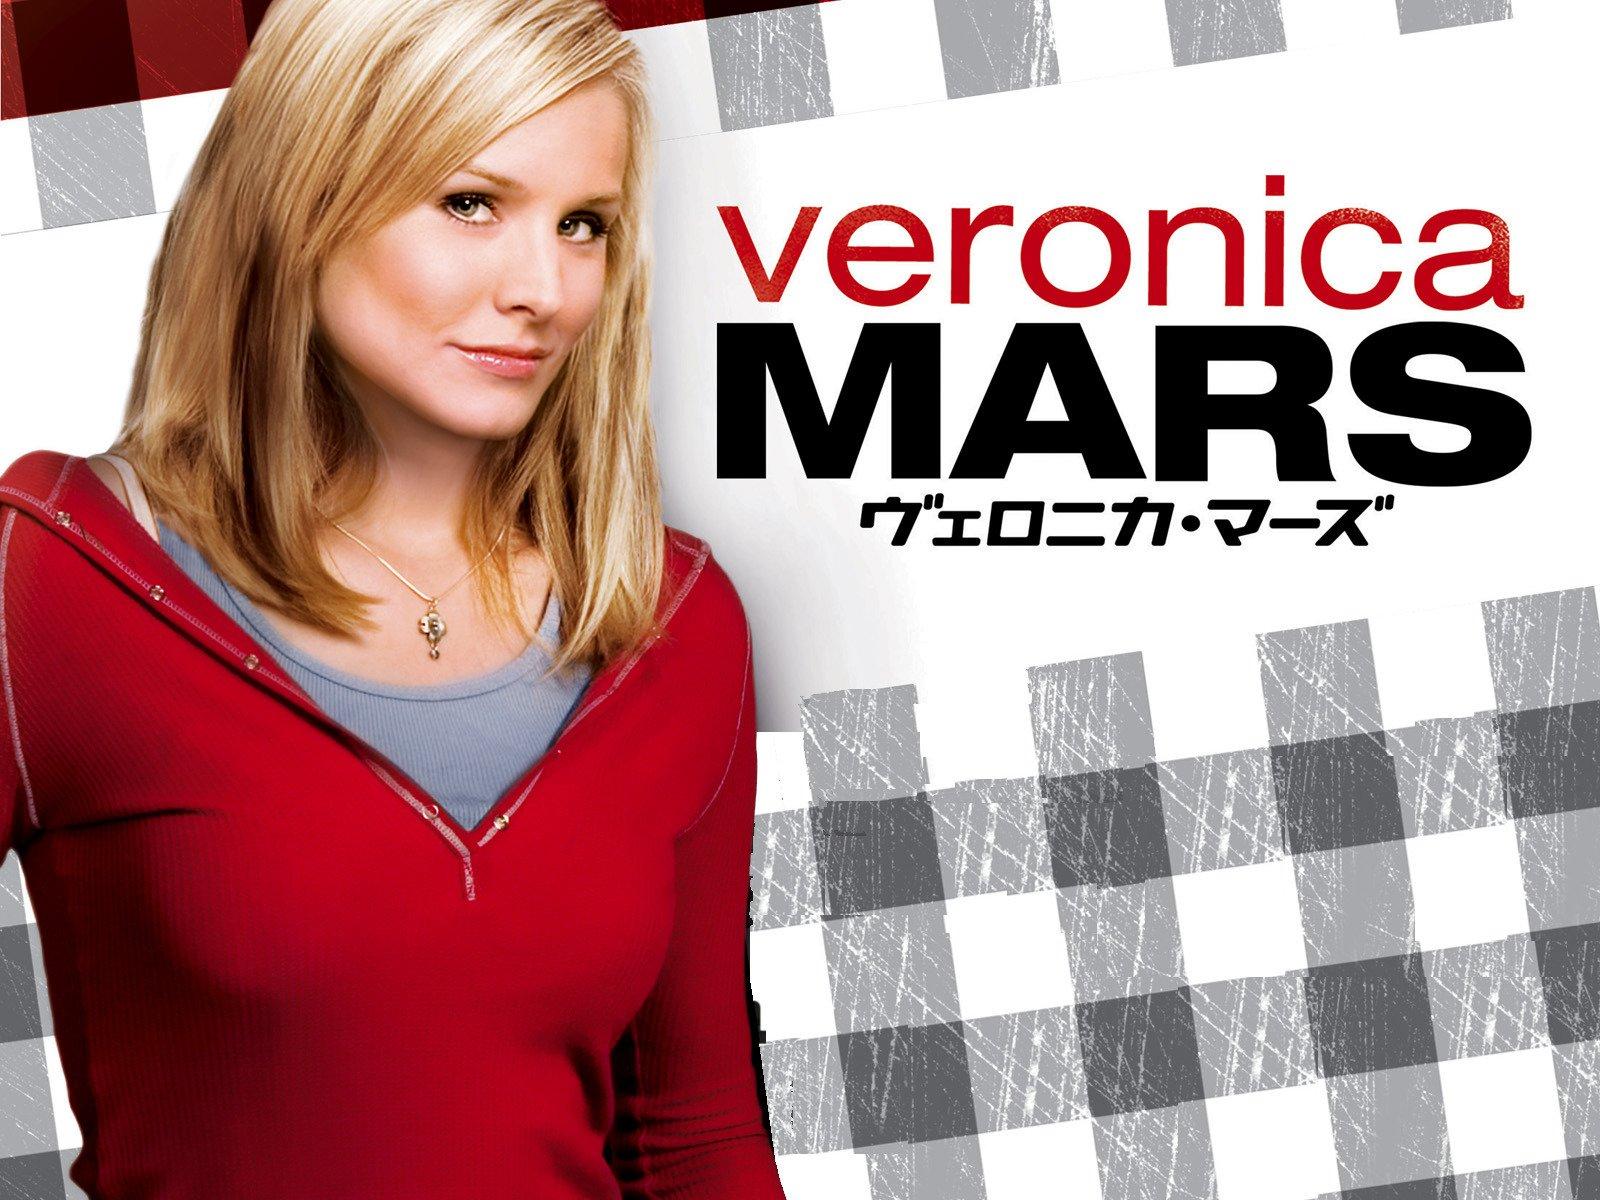 4 シーズン ヴェロニカ マーズ